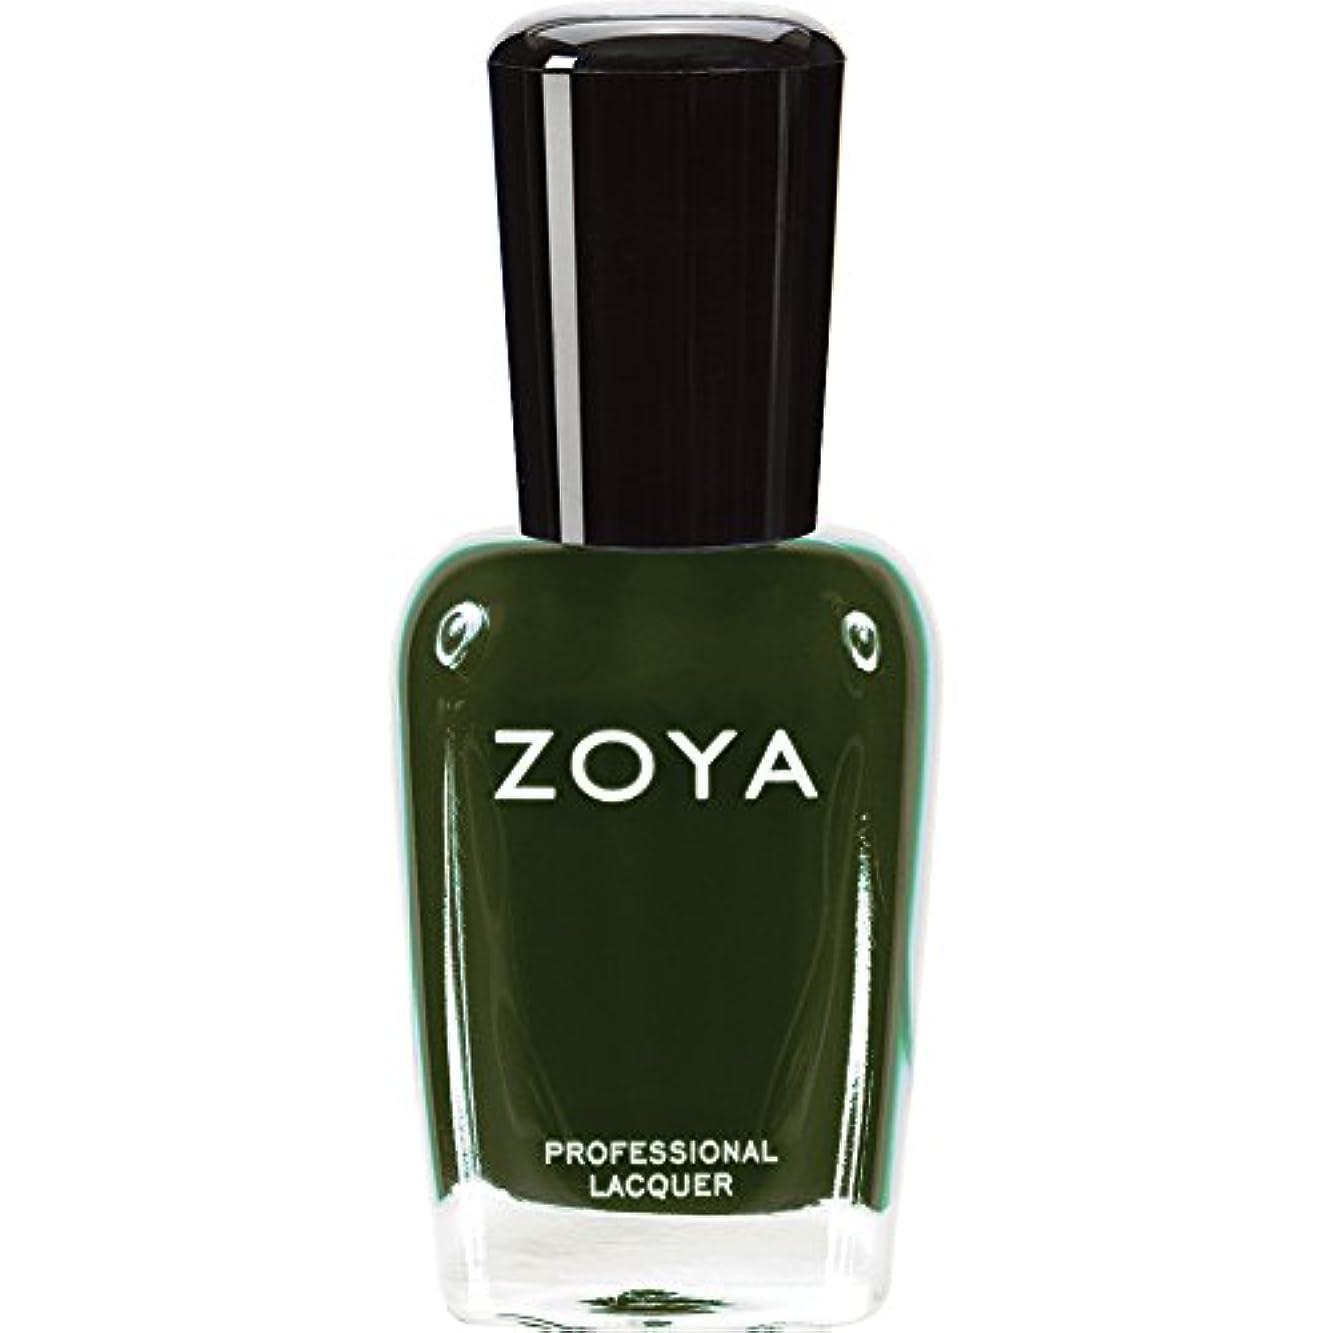 ハウス試験凍結ZOYA ゾーヤ ネイルカラーZP490(ENVY) エンヴィー 15ml 深いダークグリーン マット/クリーム 爪にやさしいネイルポリッシュマニキュア